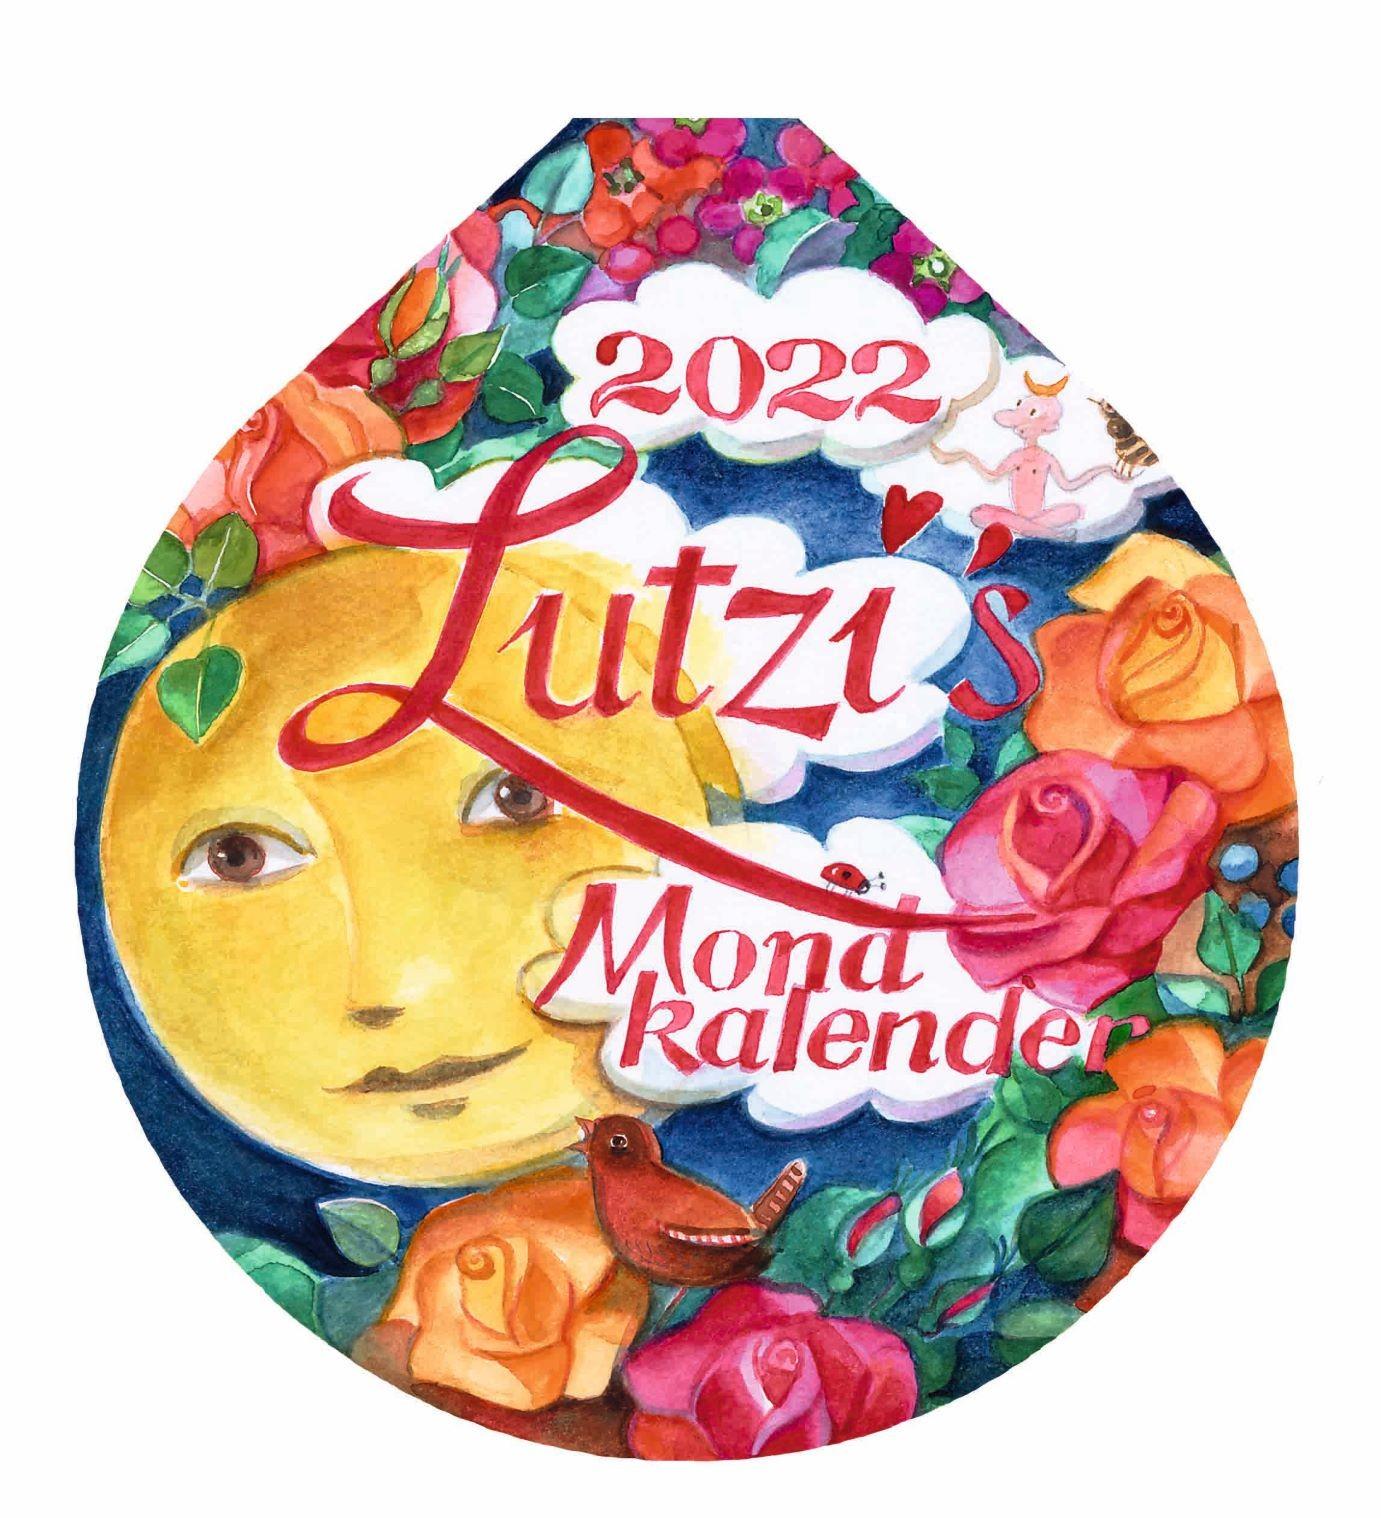 Lutzi's Mondkalender Rund 2022 ohne Aufhängung (Mond)